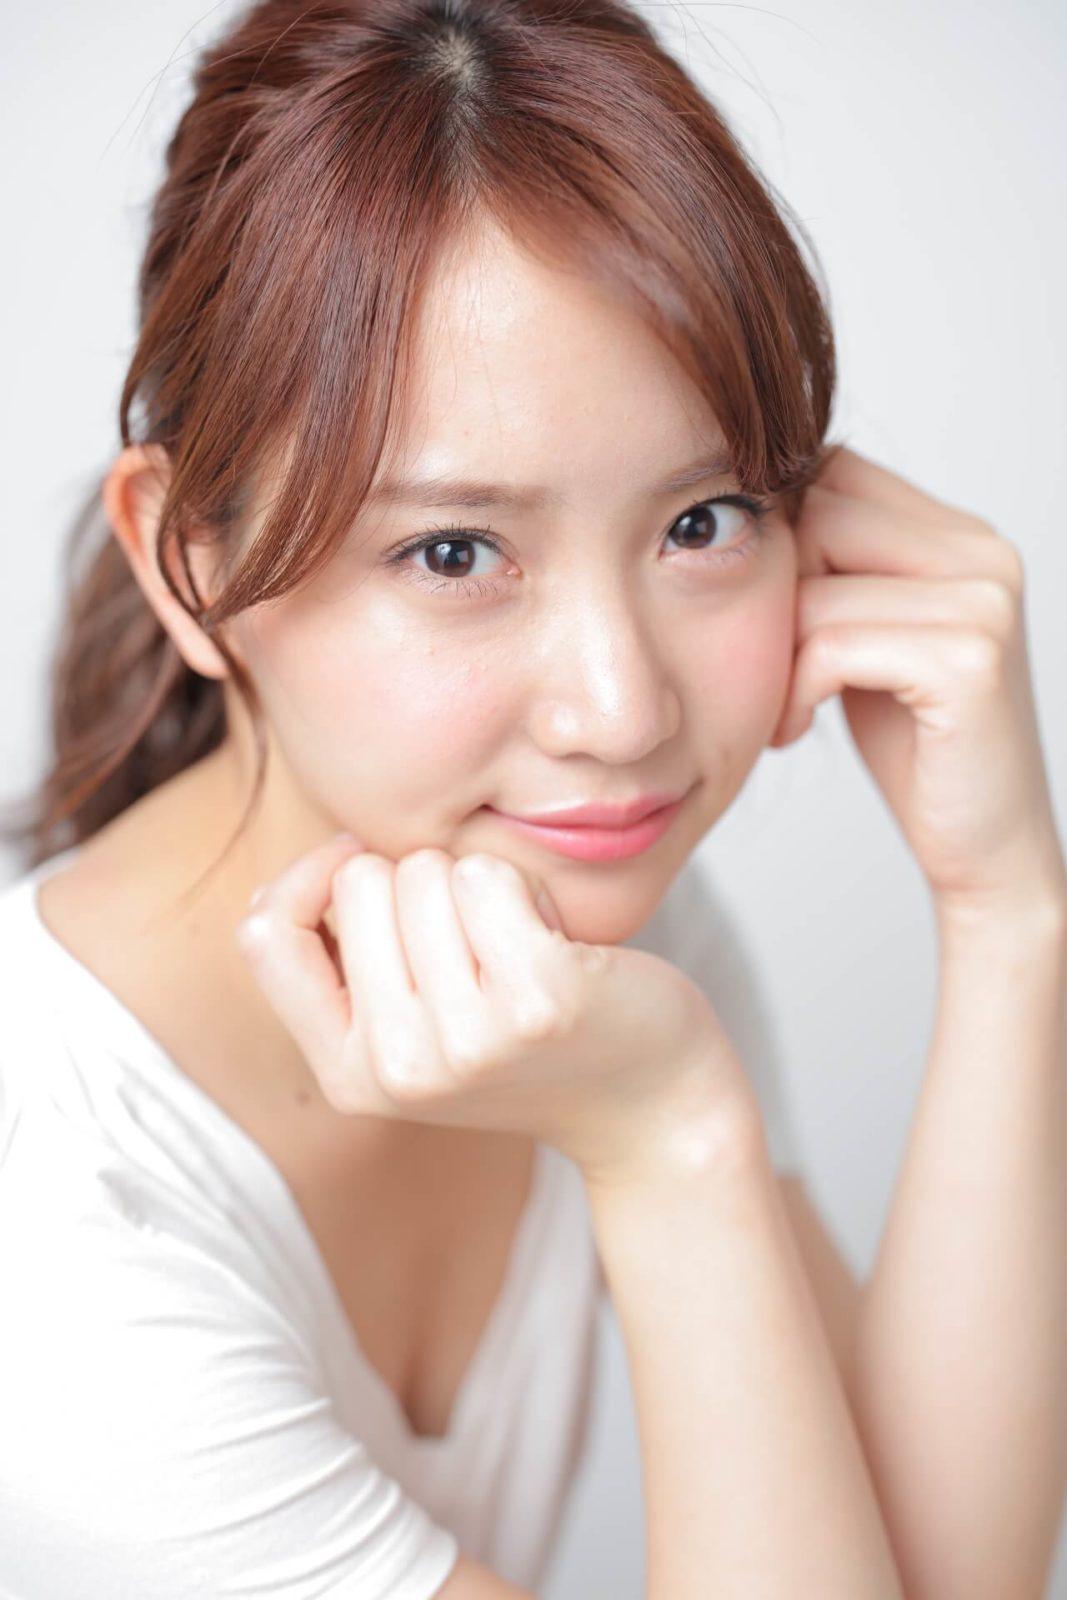 元AKB48永尾まりや、グループ卒業後の体重増加を暴露されるサムネイル画像